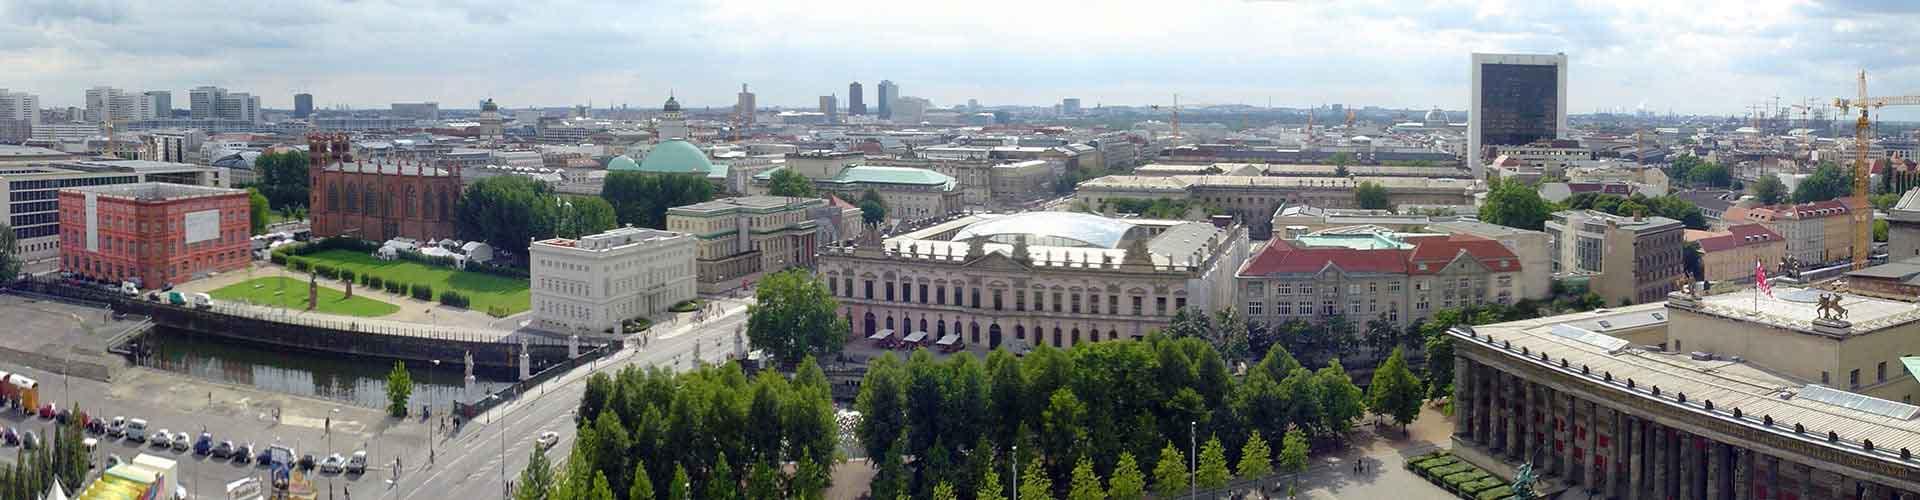 Berlin - Chambres pas chères dans le quartier de Mitte. Cartes pour Berlin, photos et commentaires pour chaque chambre à Berlin.